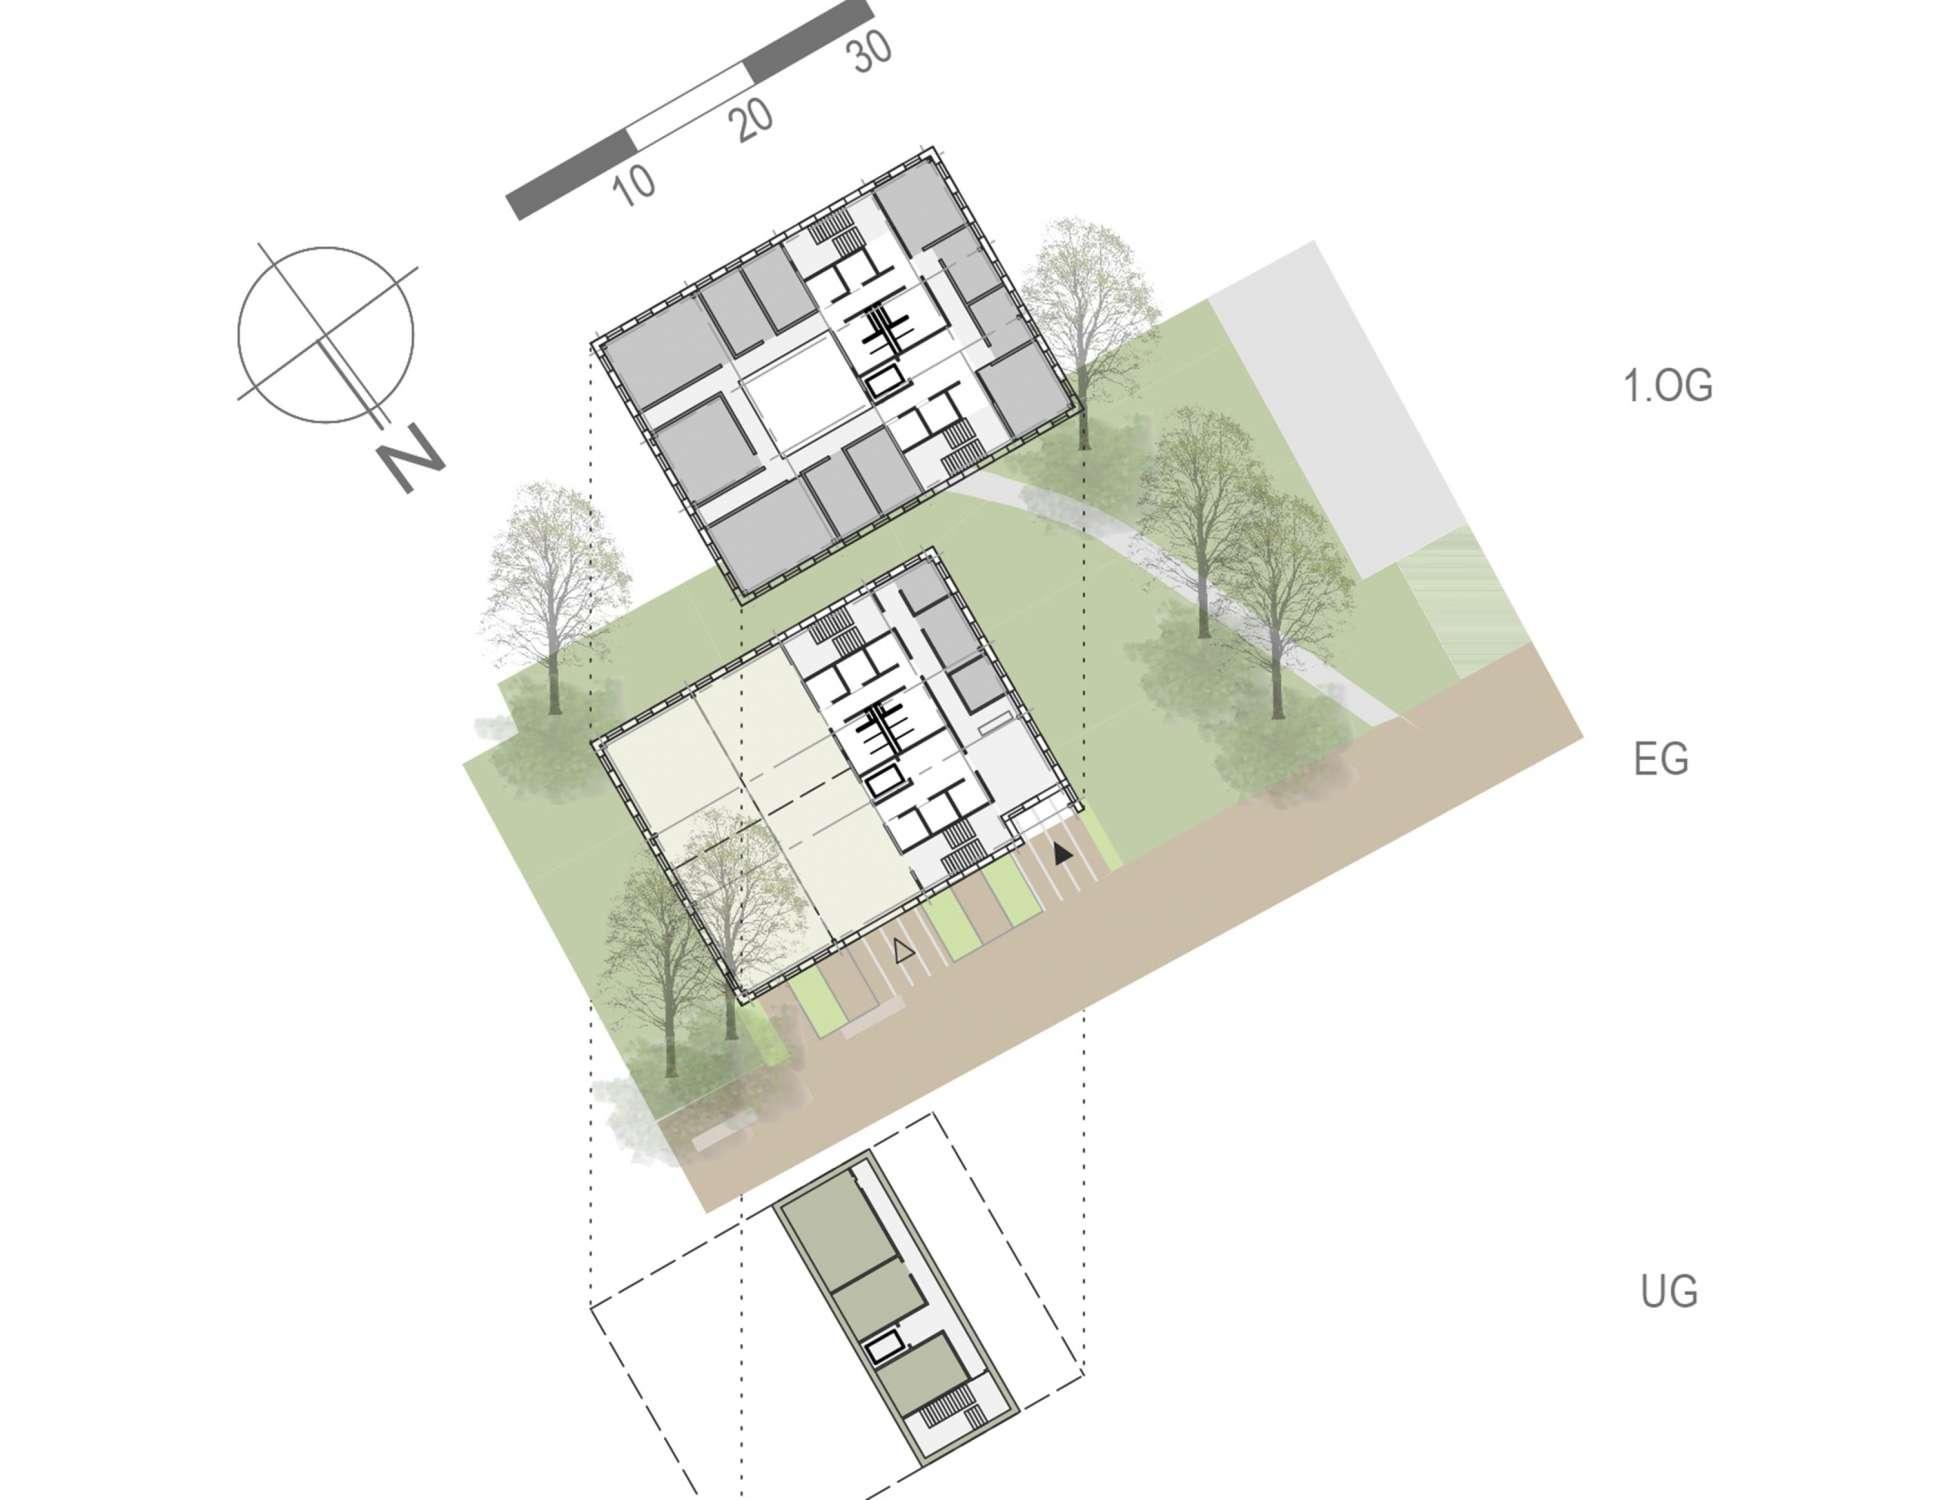 Städtebauliche Entwicklung Campus Reinhold-Würth-Hochschule (6)